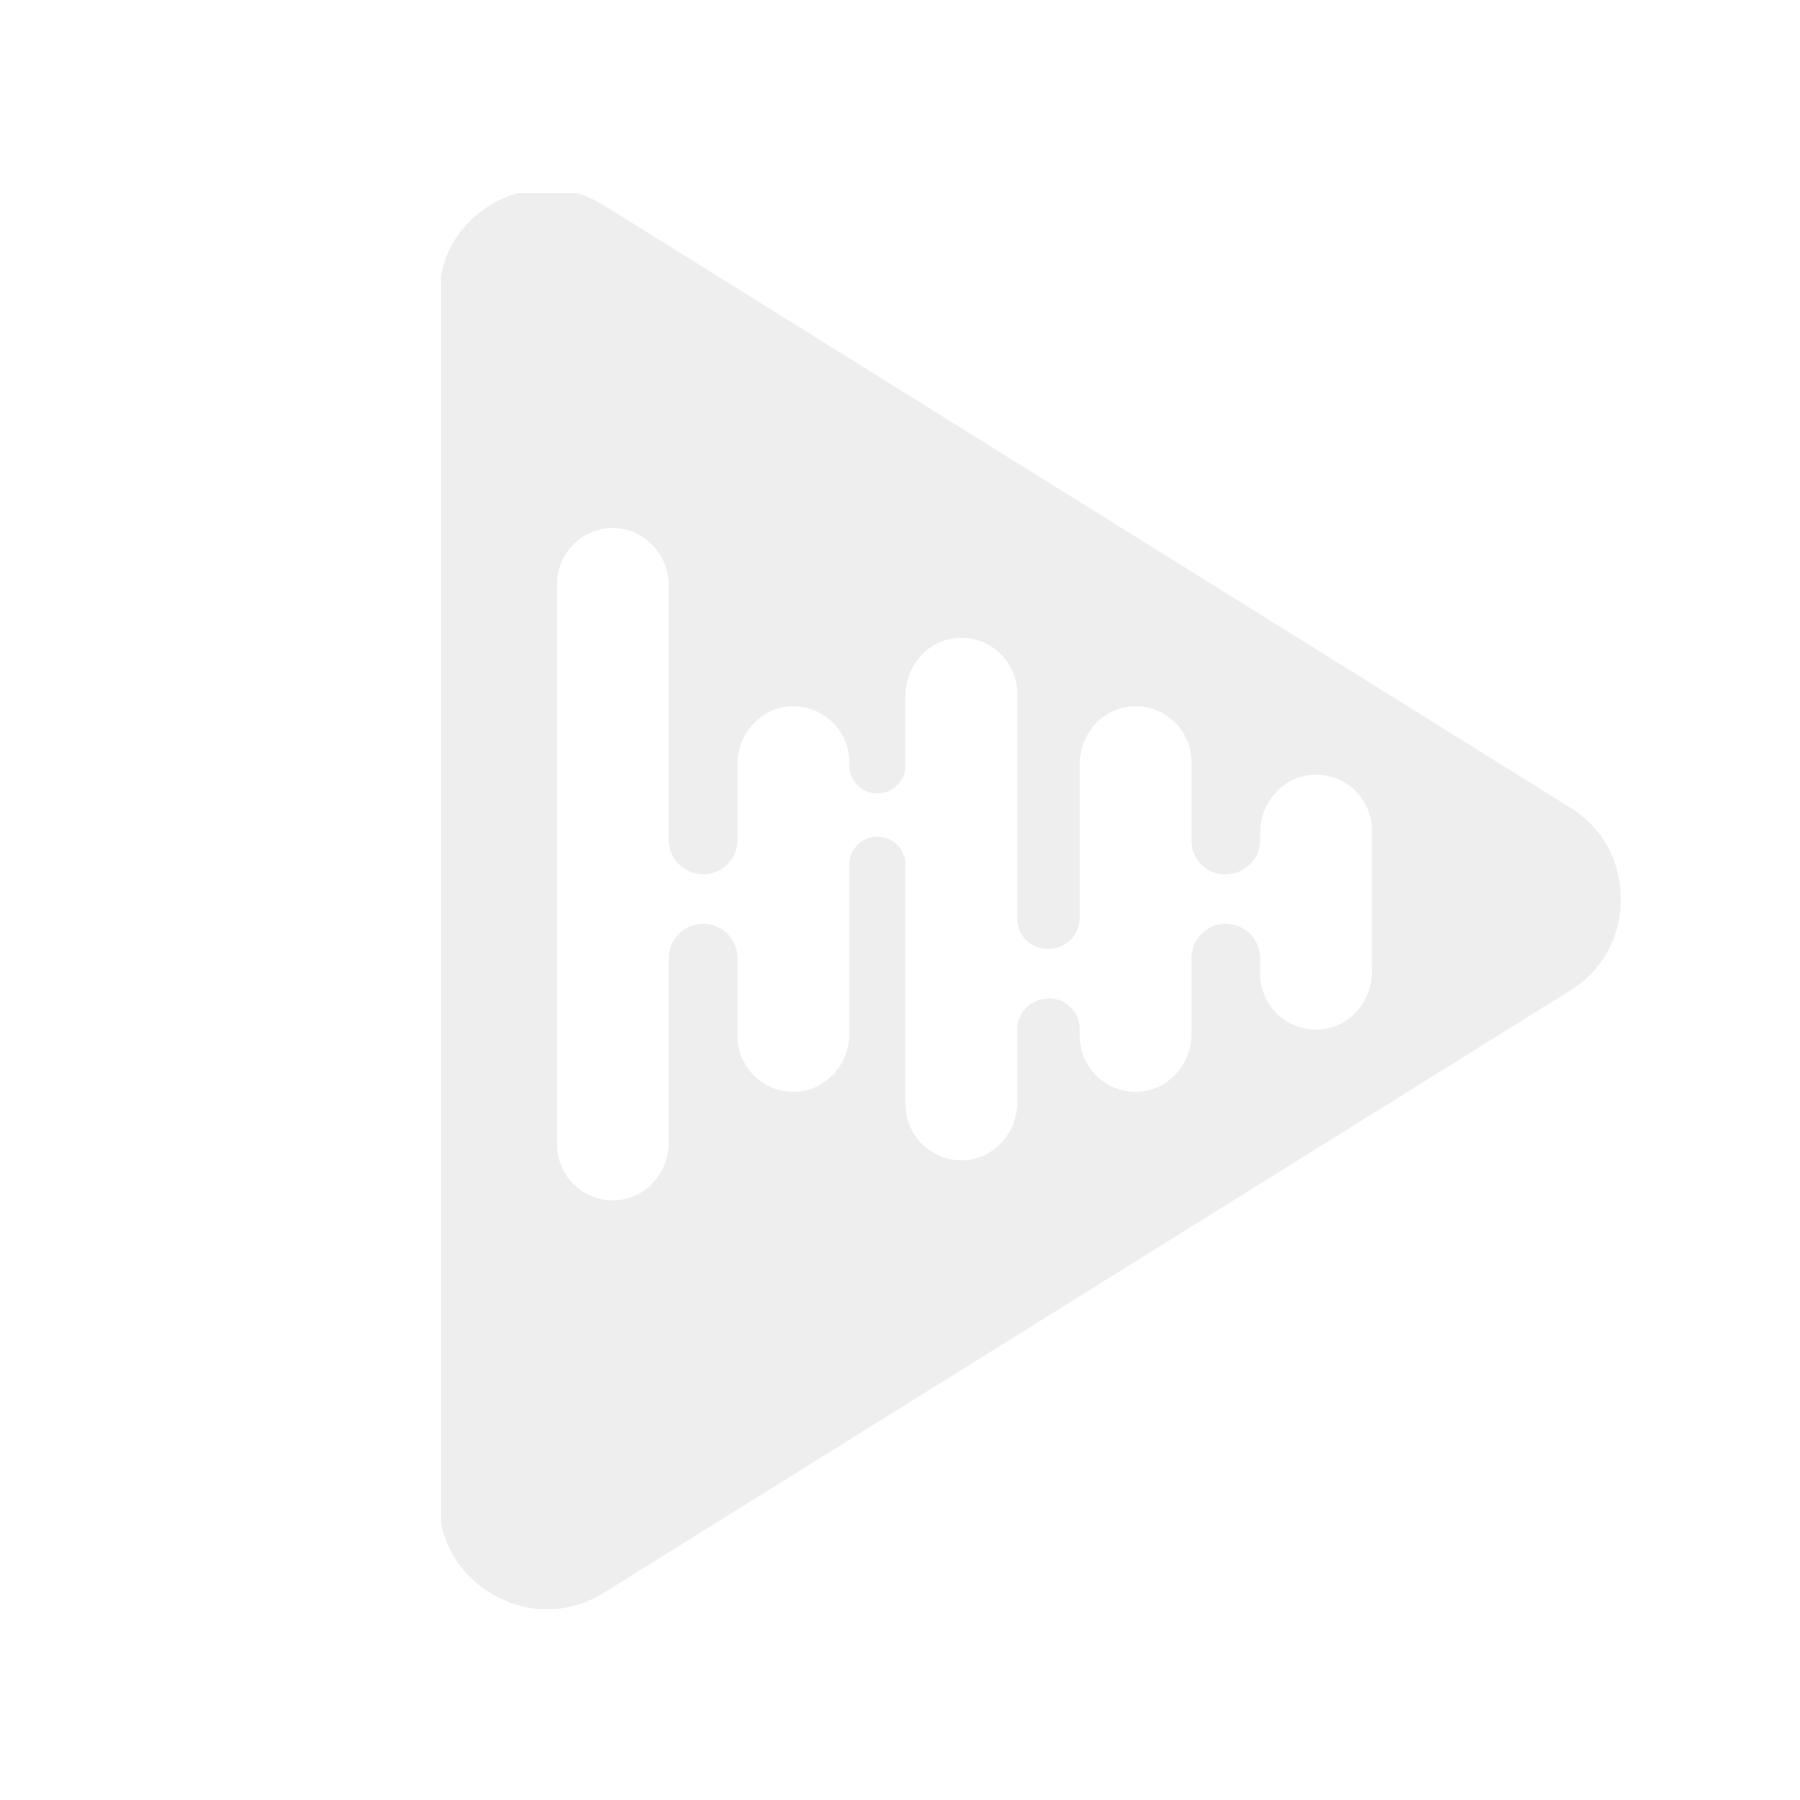 Audison OP 1.5.2